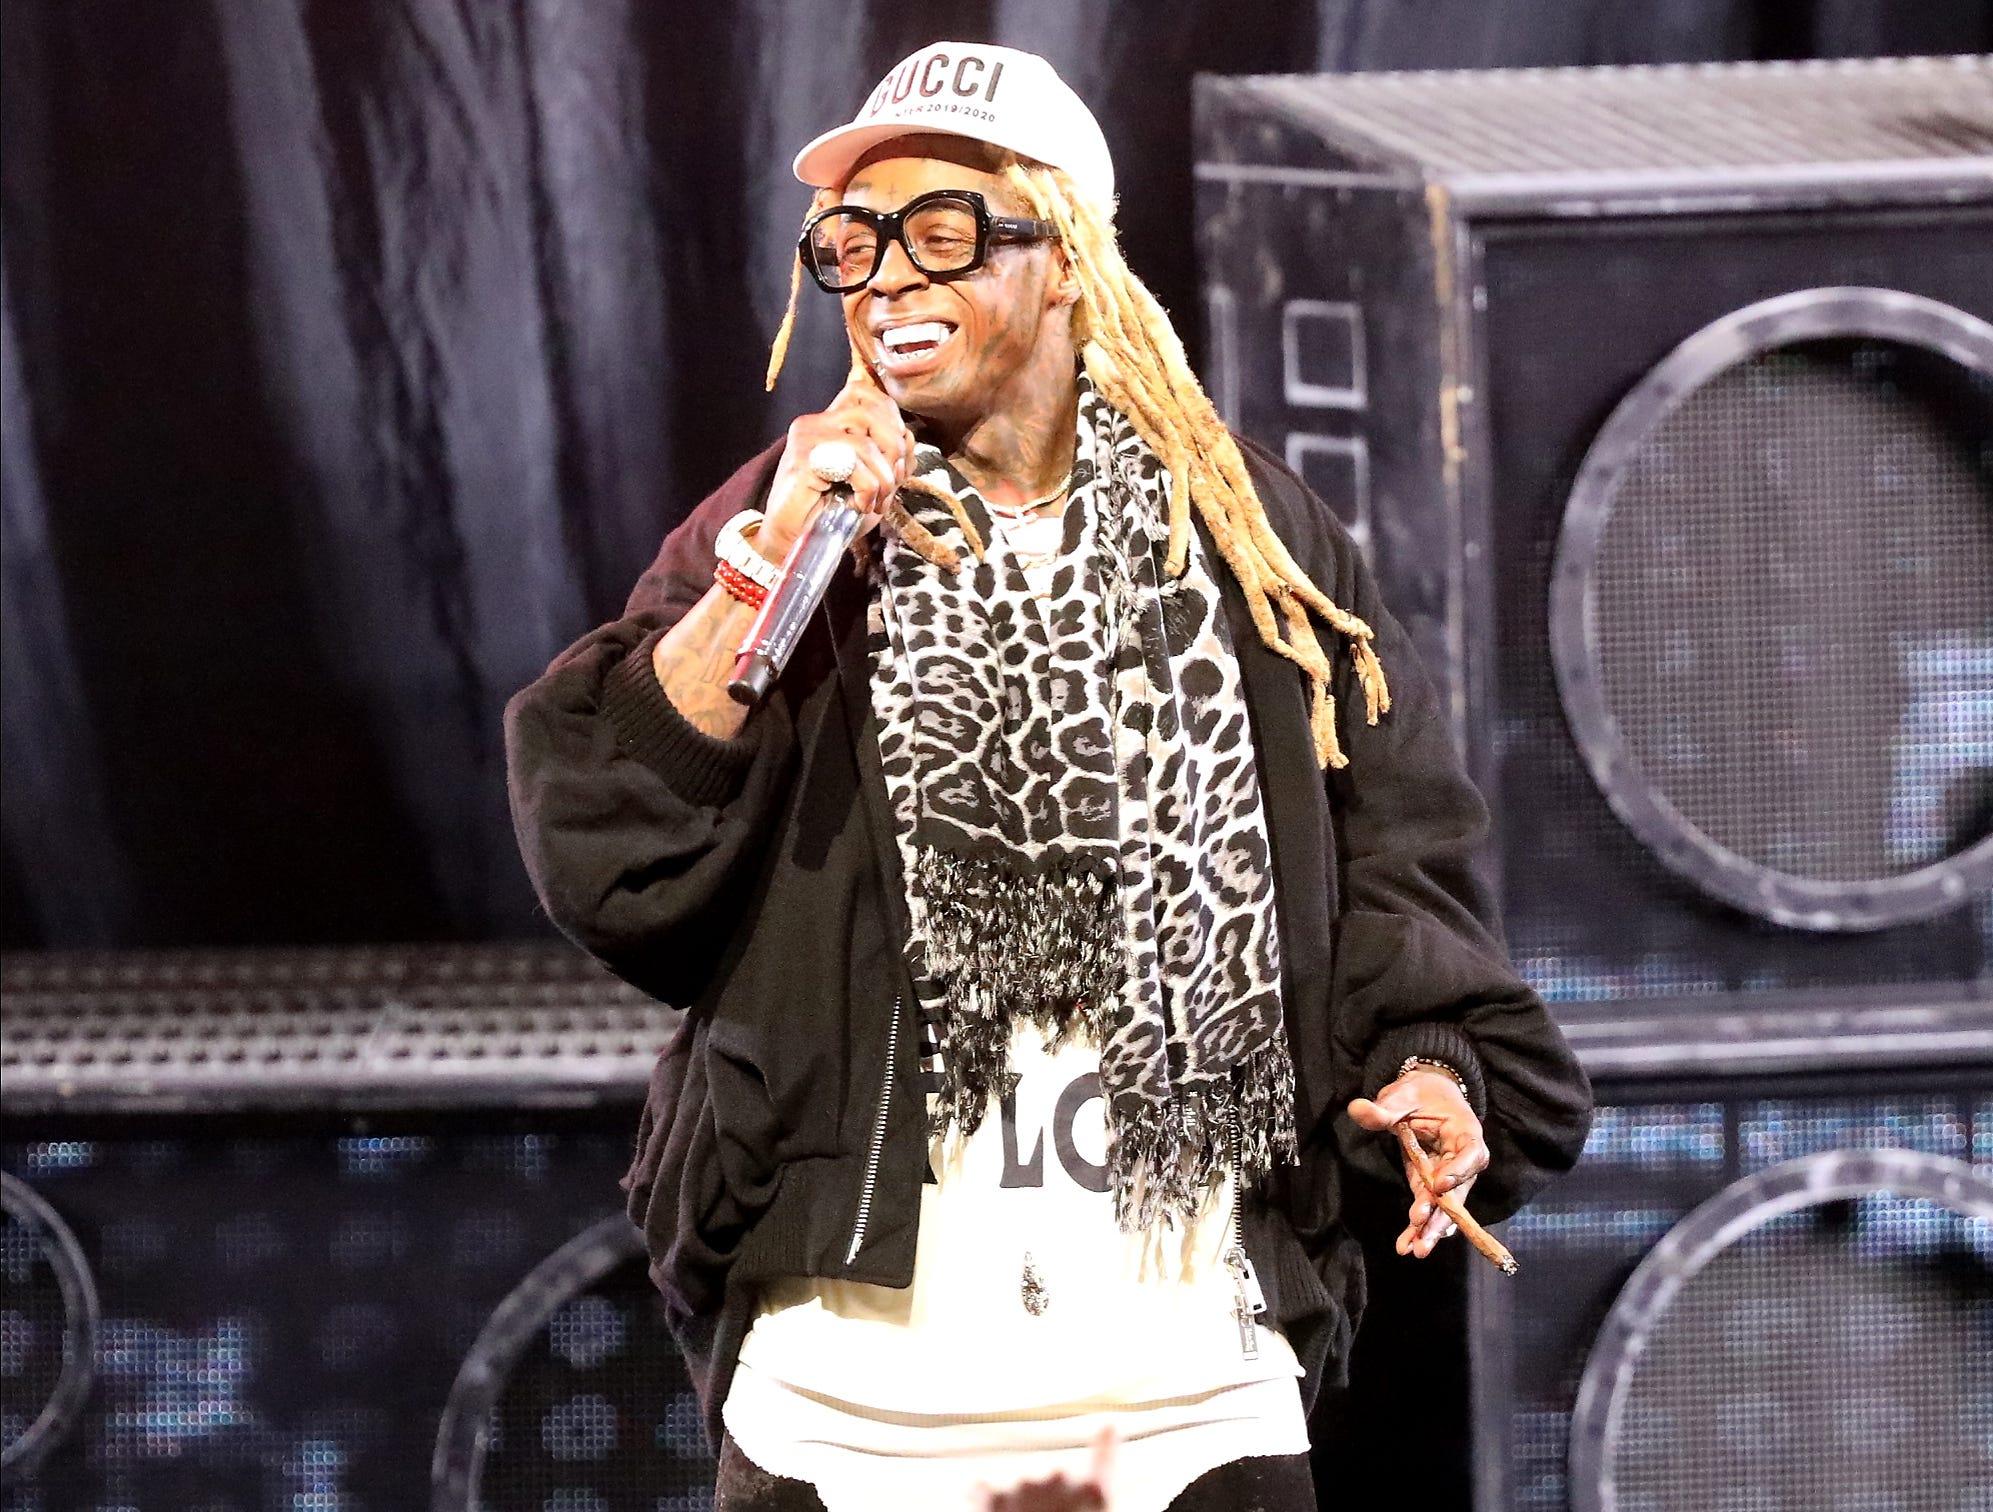 Photos: Lil Wayne and Blink-182 concert